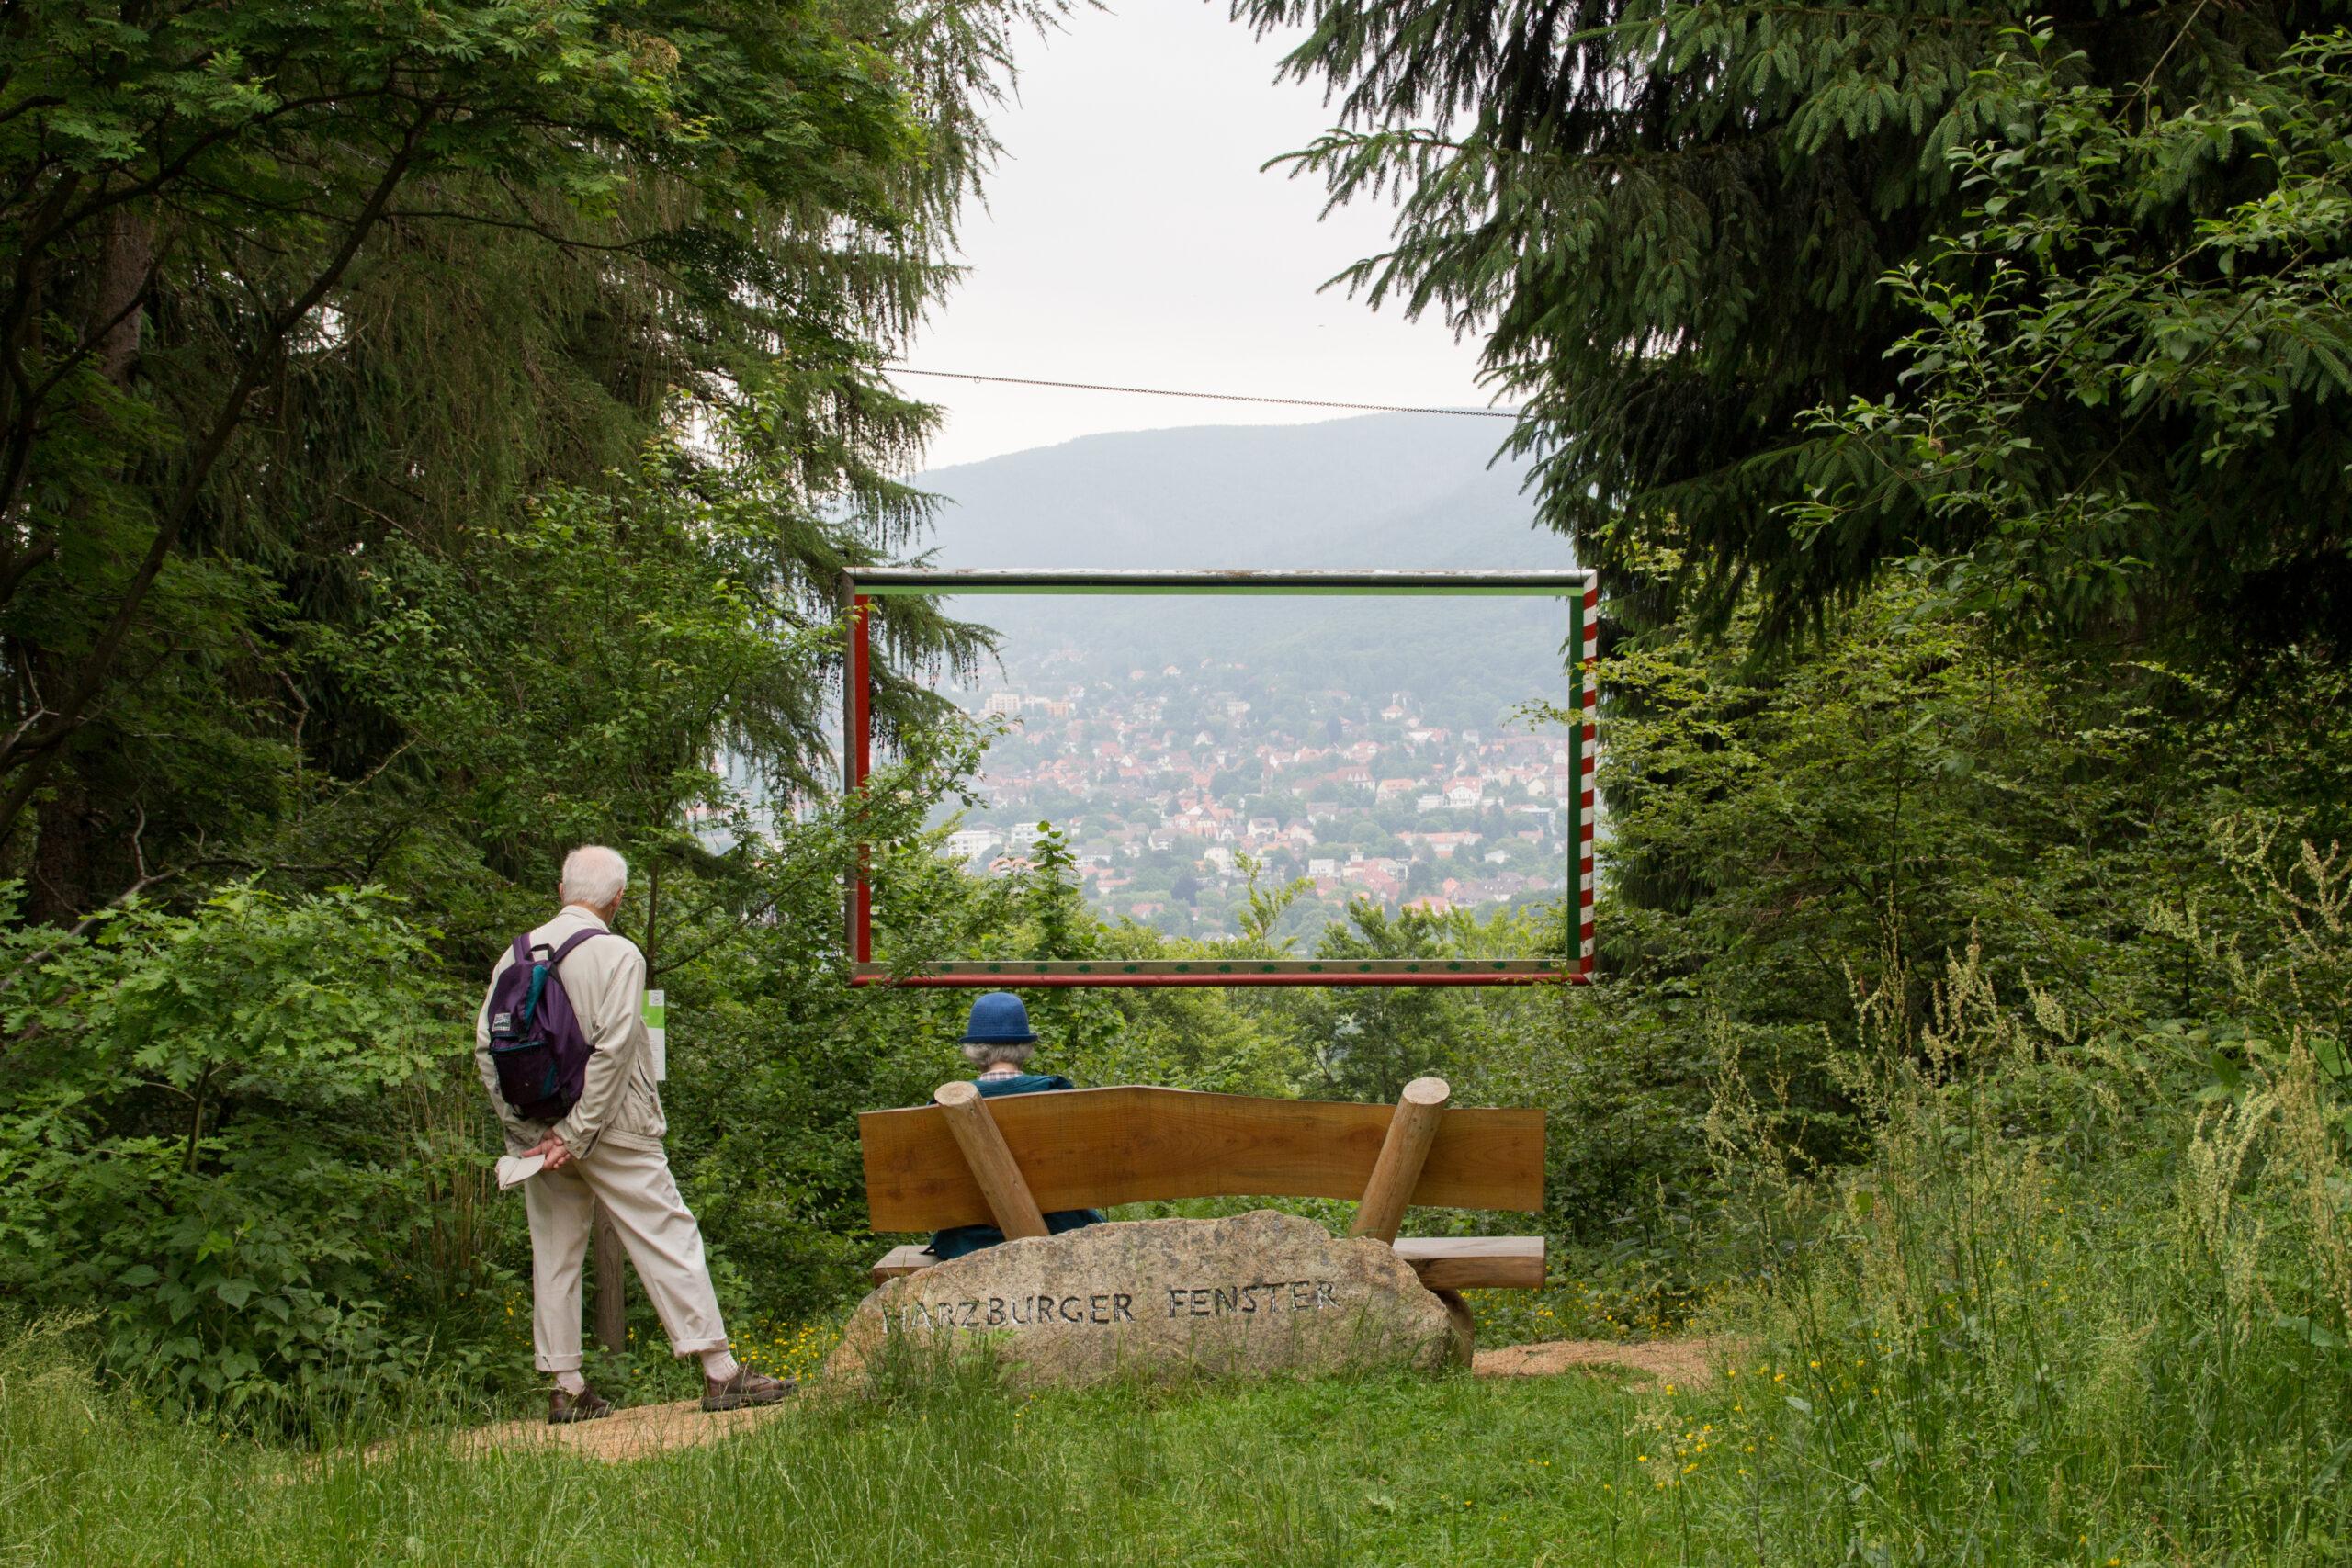 """""""Harzburger Fenster"""" på vej mod Elfenstein. Kilde: Eget arkiv."""